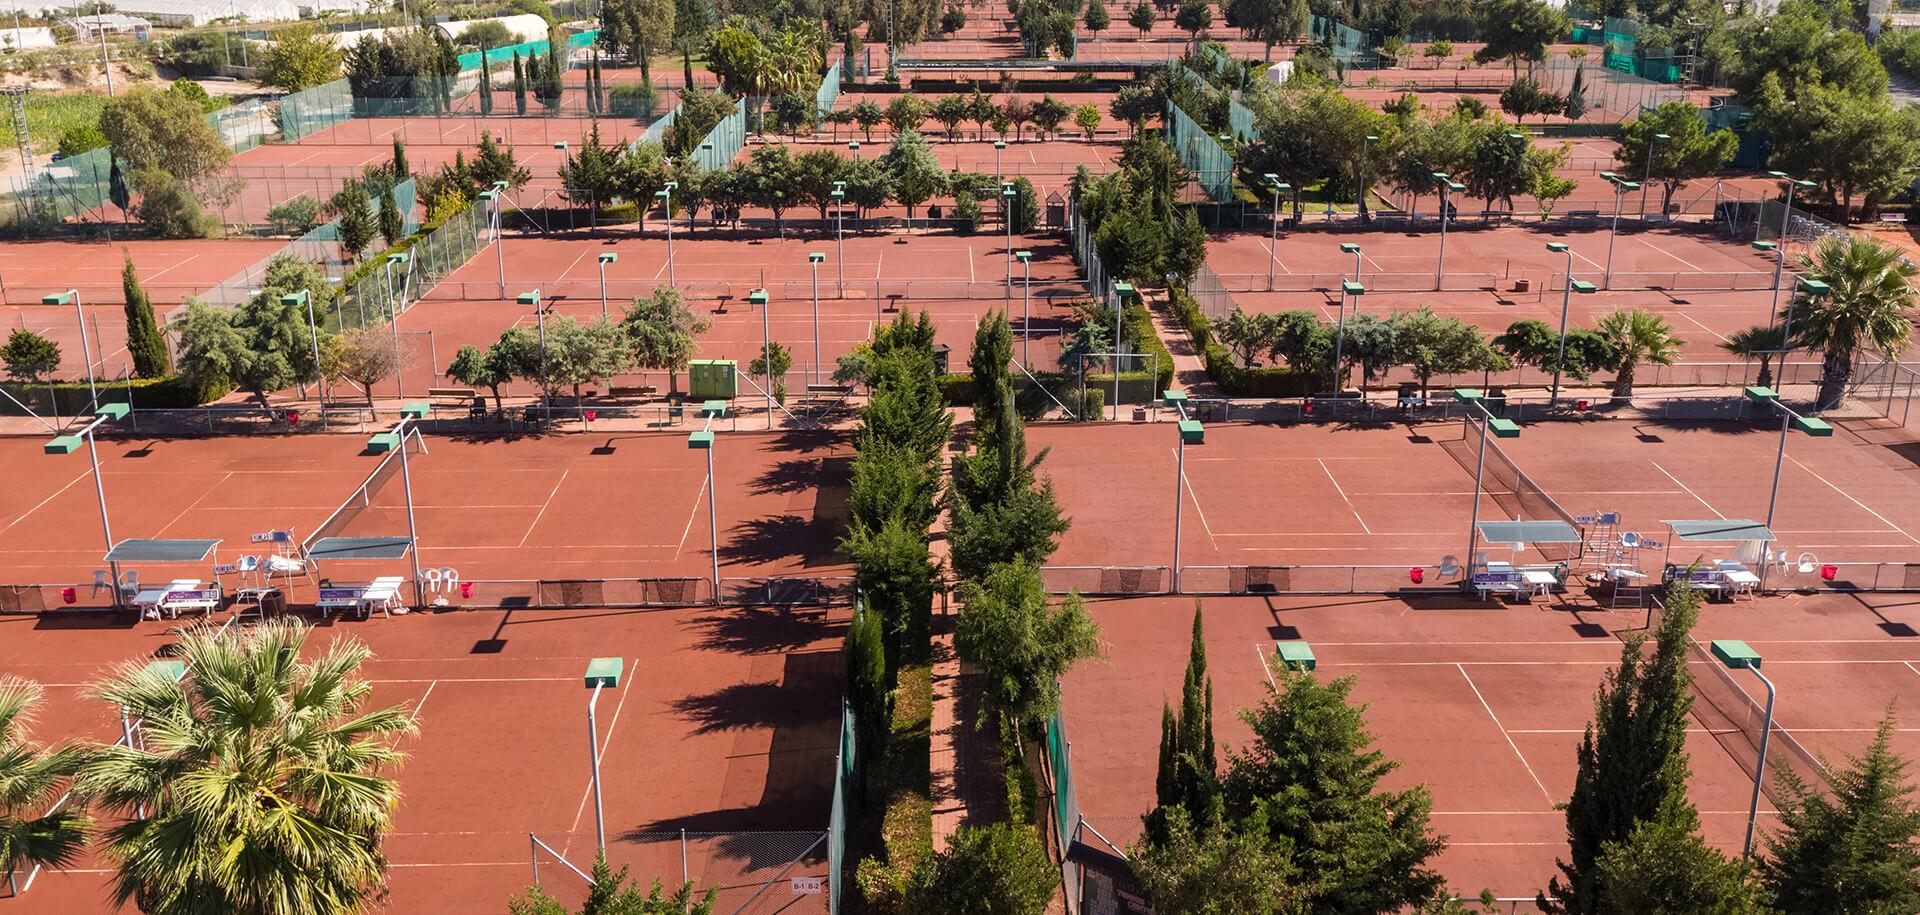 Ulusal ve uluslararası birçok turnuvaya ev sahipliği yapan, çocuk ve eğlence kortları da dahil olmak üzere 61 korttan oluşan tenis merkezimizde tatilin keyfini çıkarın.